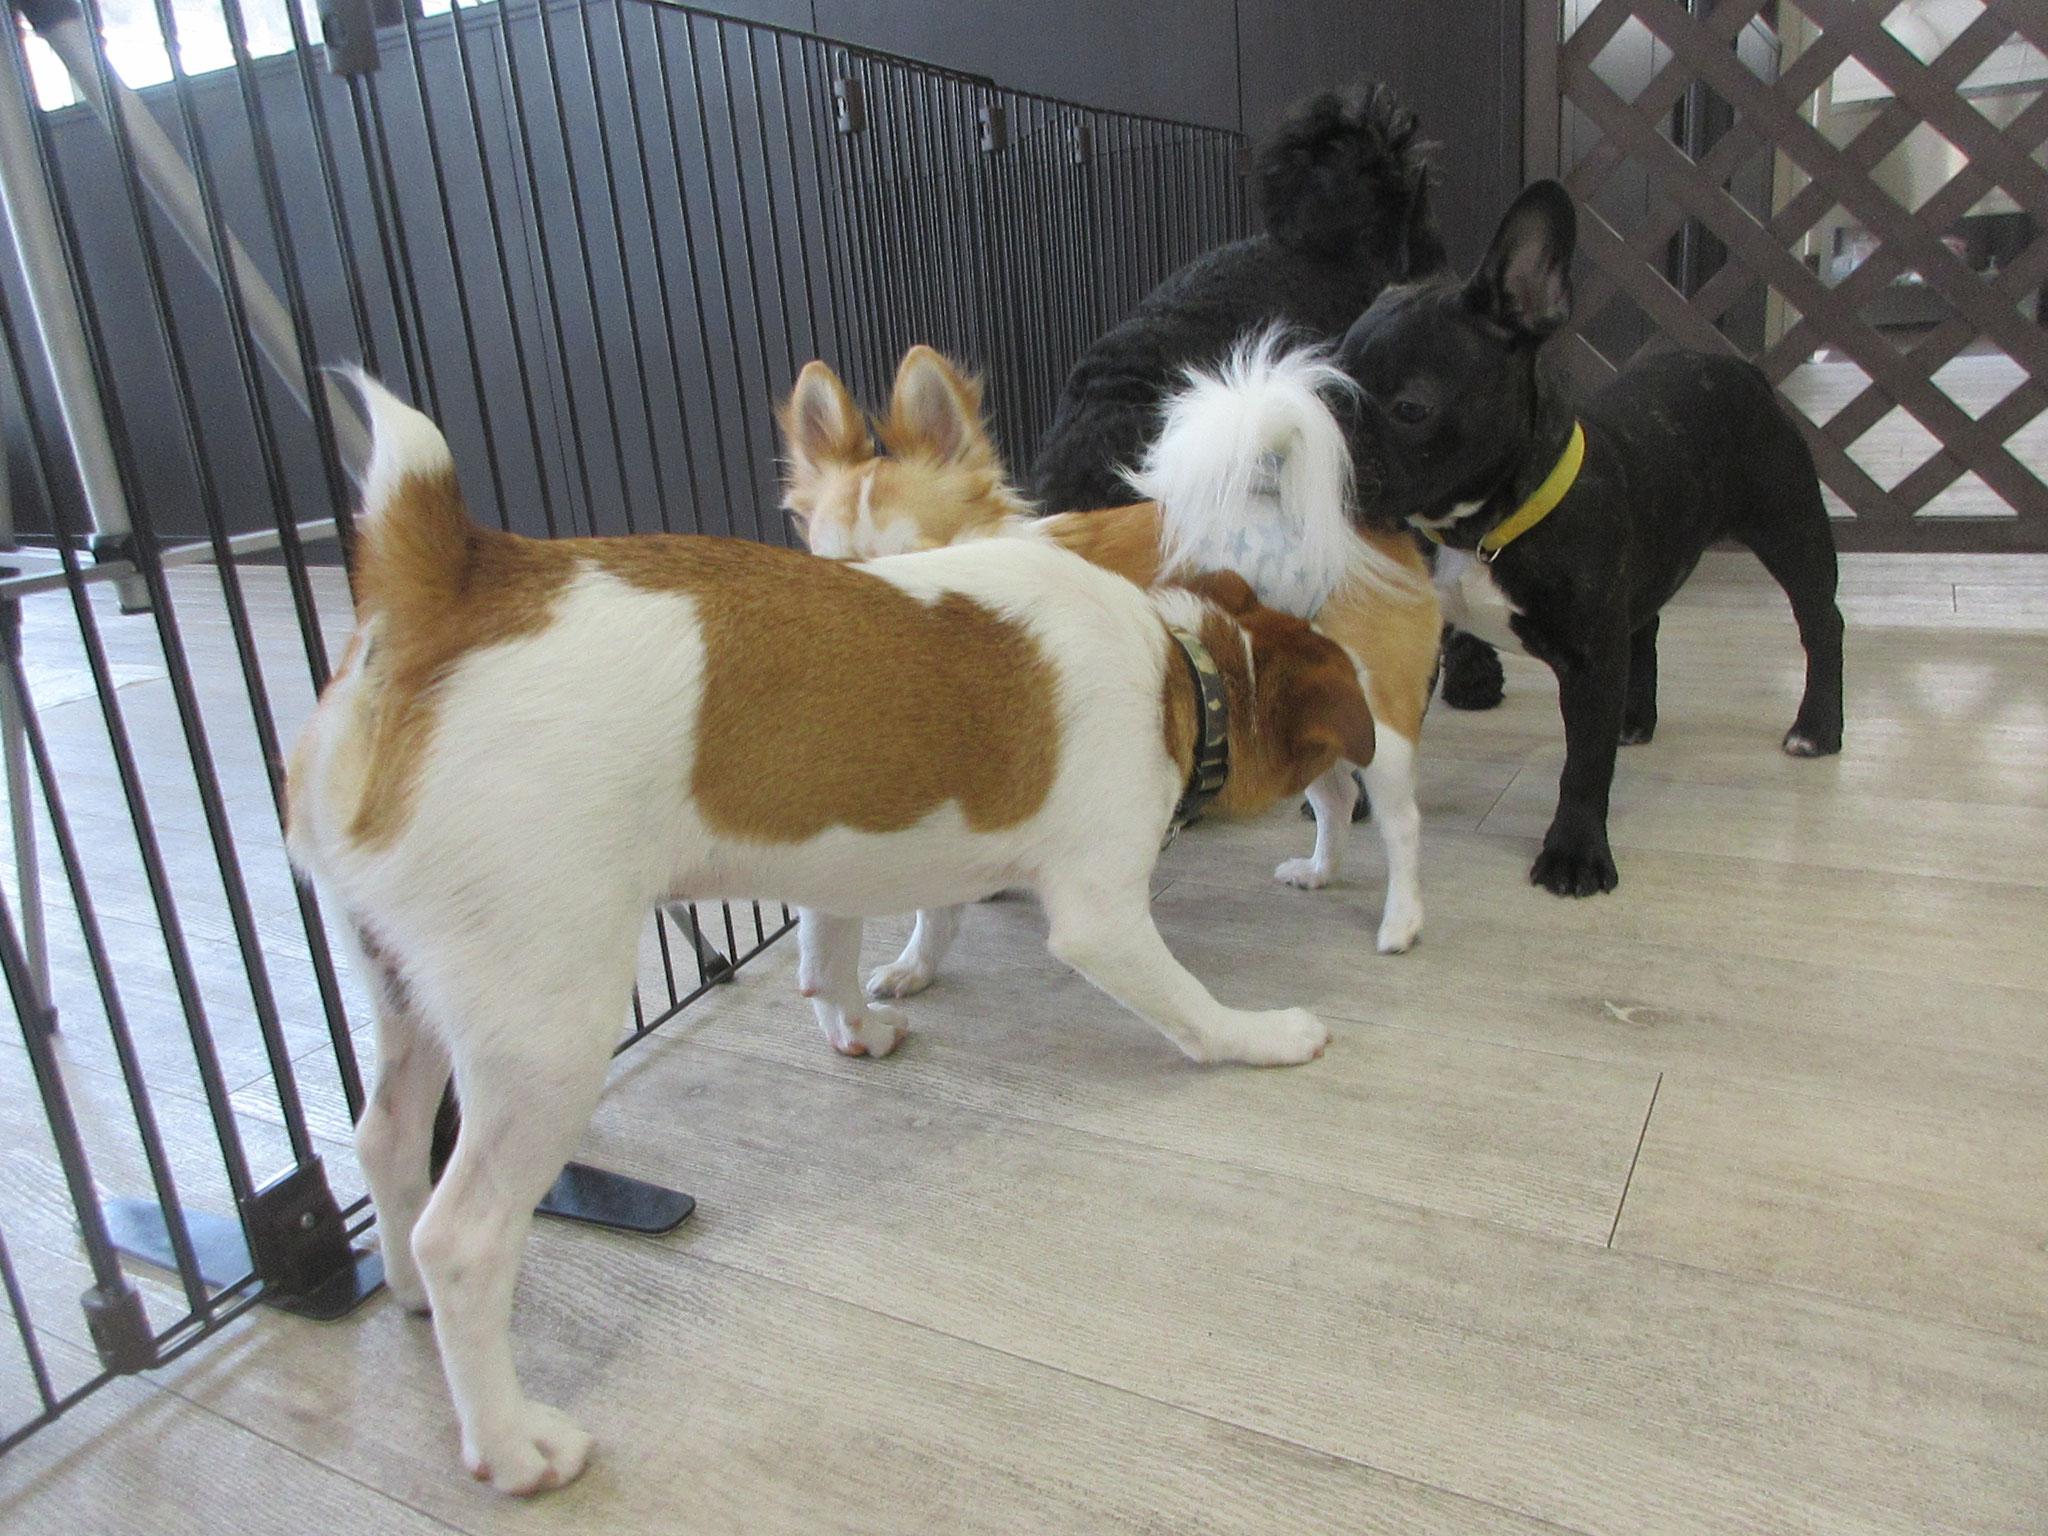 犬の保育園Baby・犬・犬のしつけ・犬の社会化・お預り・習志野市・八千代市・船橋市